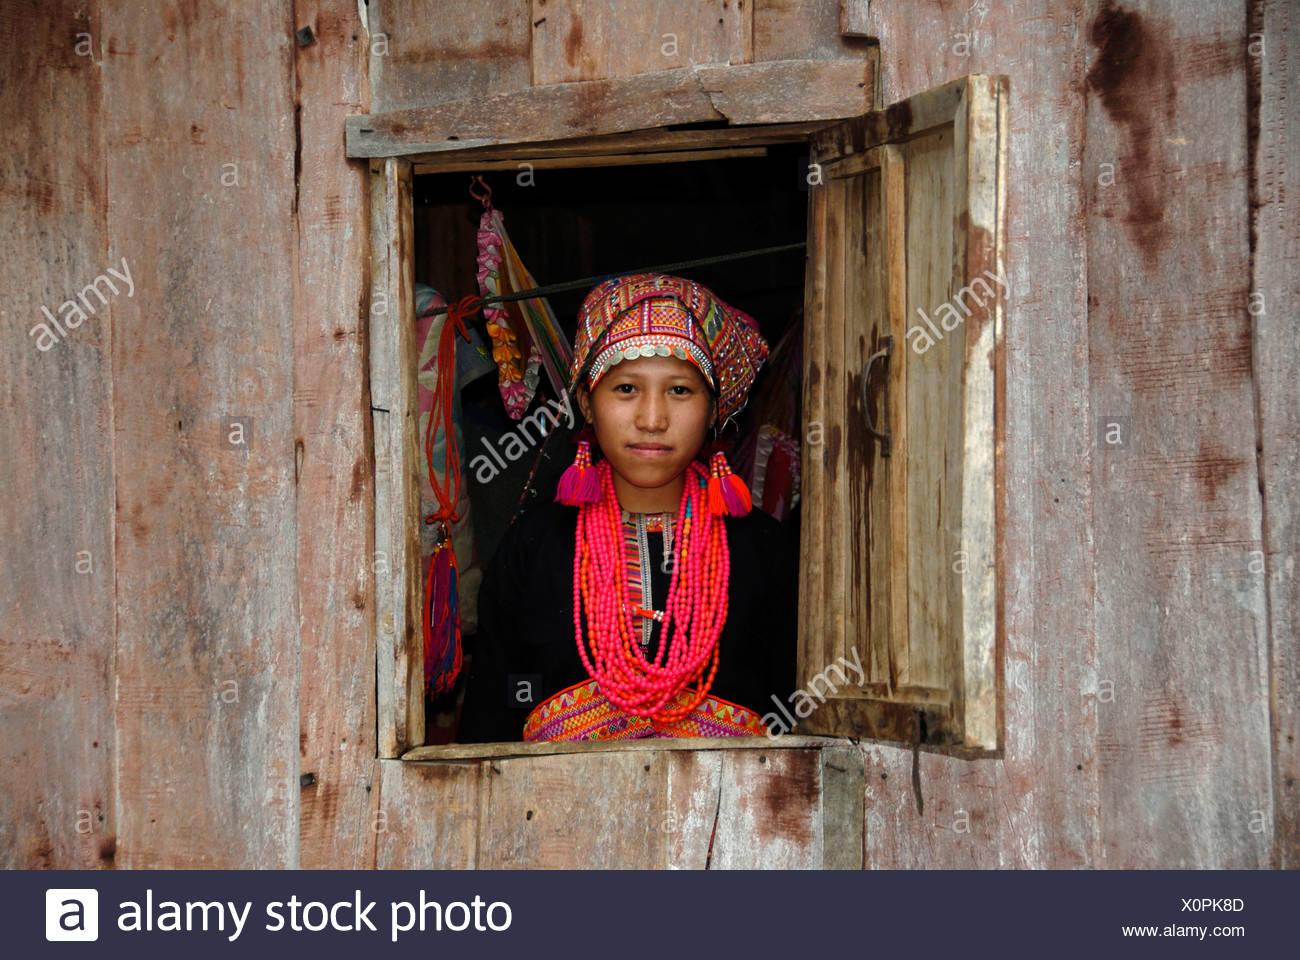 Junge Frau des Stammes Akha Pala Blick aus einem Fenster gekleidet in einem bunten Kopf-Kleid und eine rote Halskette, Ban Saenkham T Stockbild